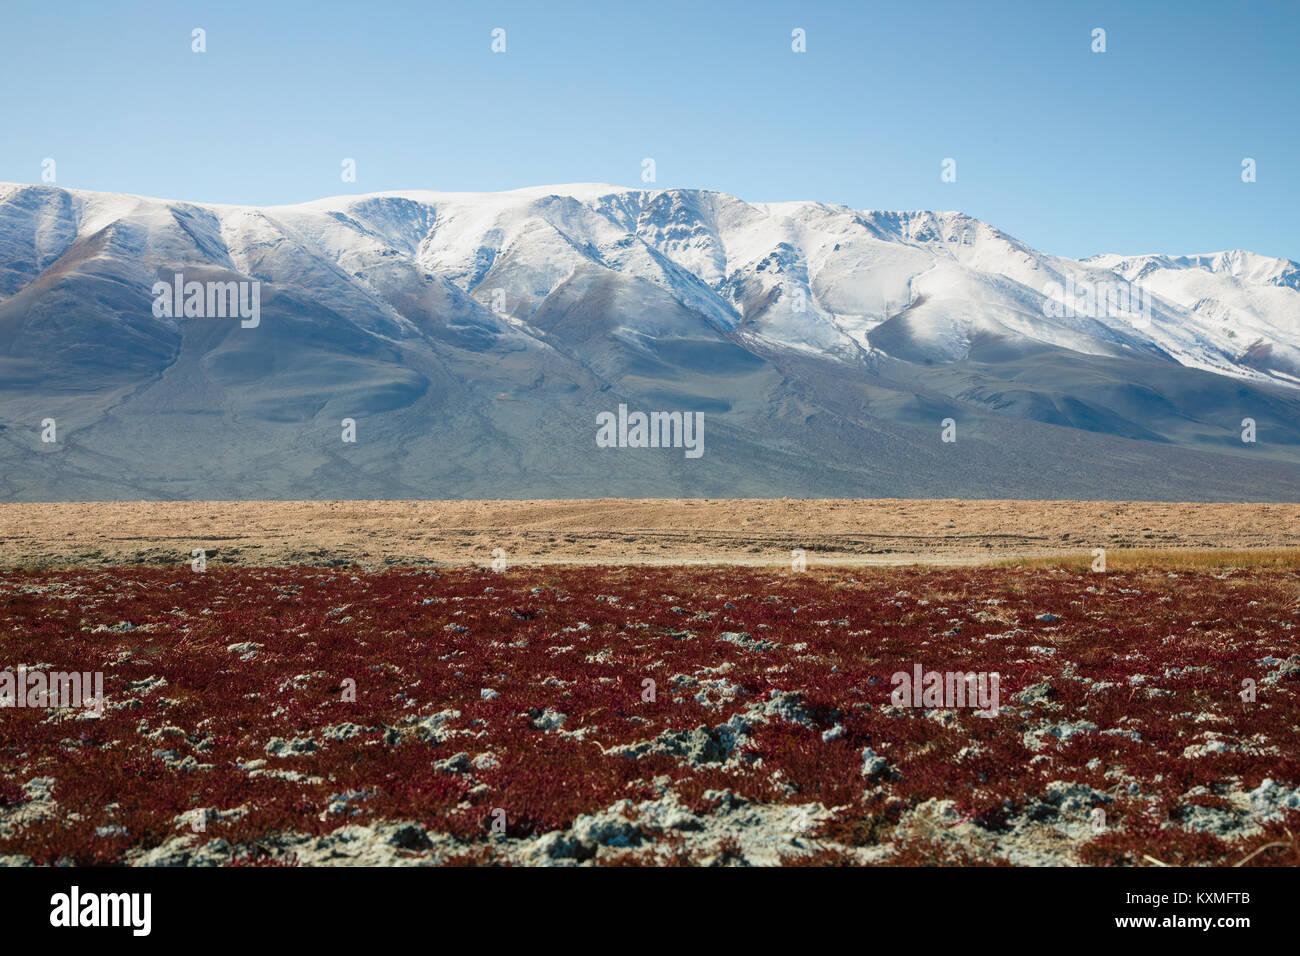 Montagne innevate rosso piante di erba steppe Mongolia praterie Foto Stock